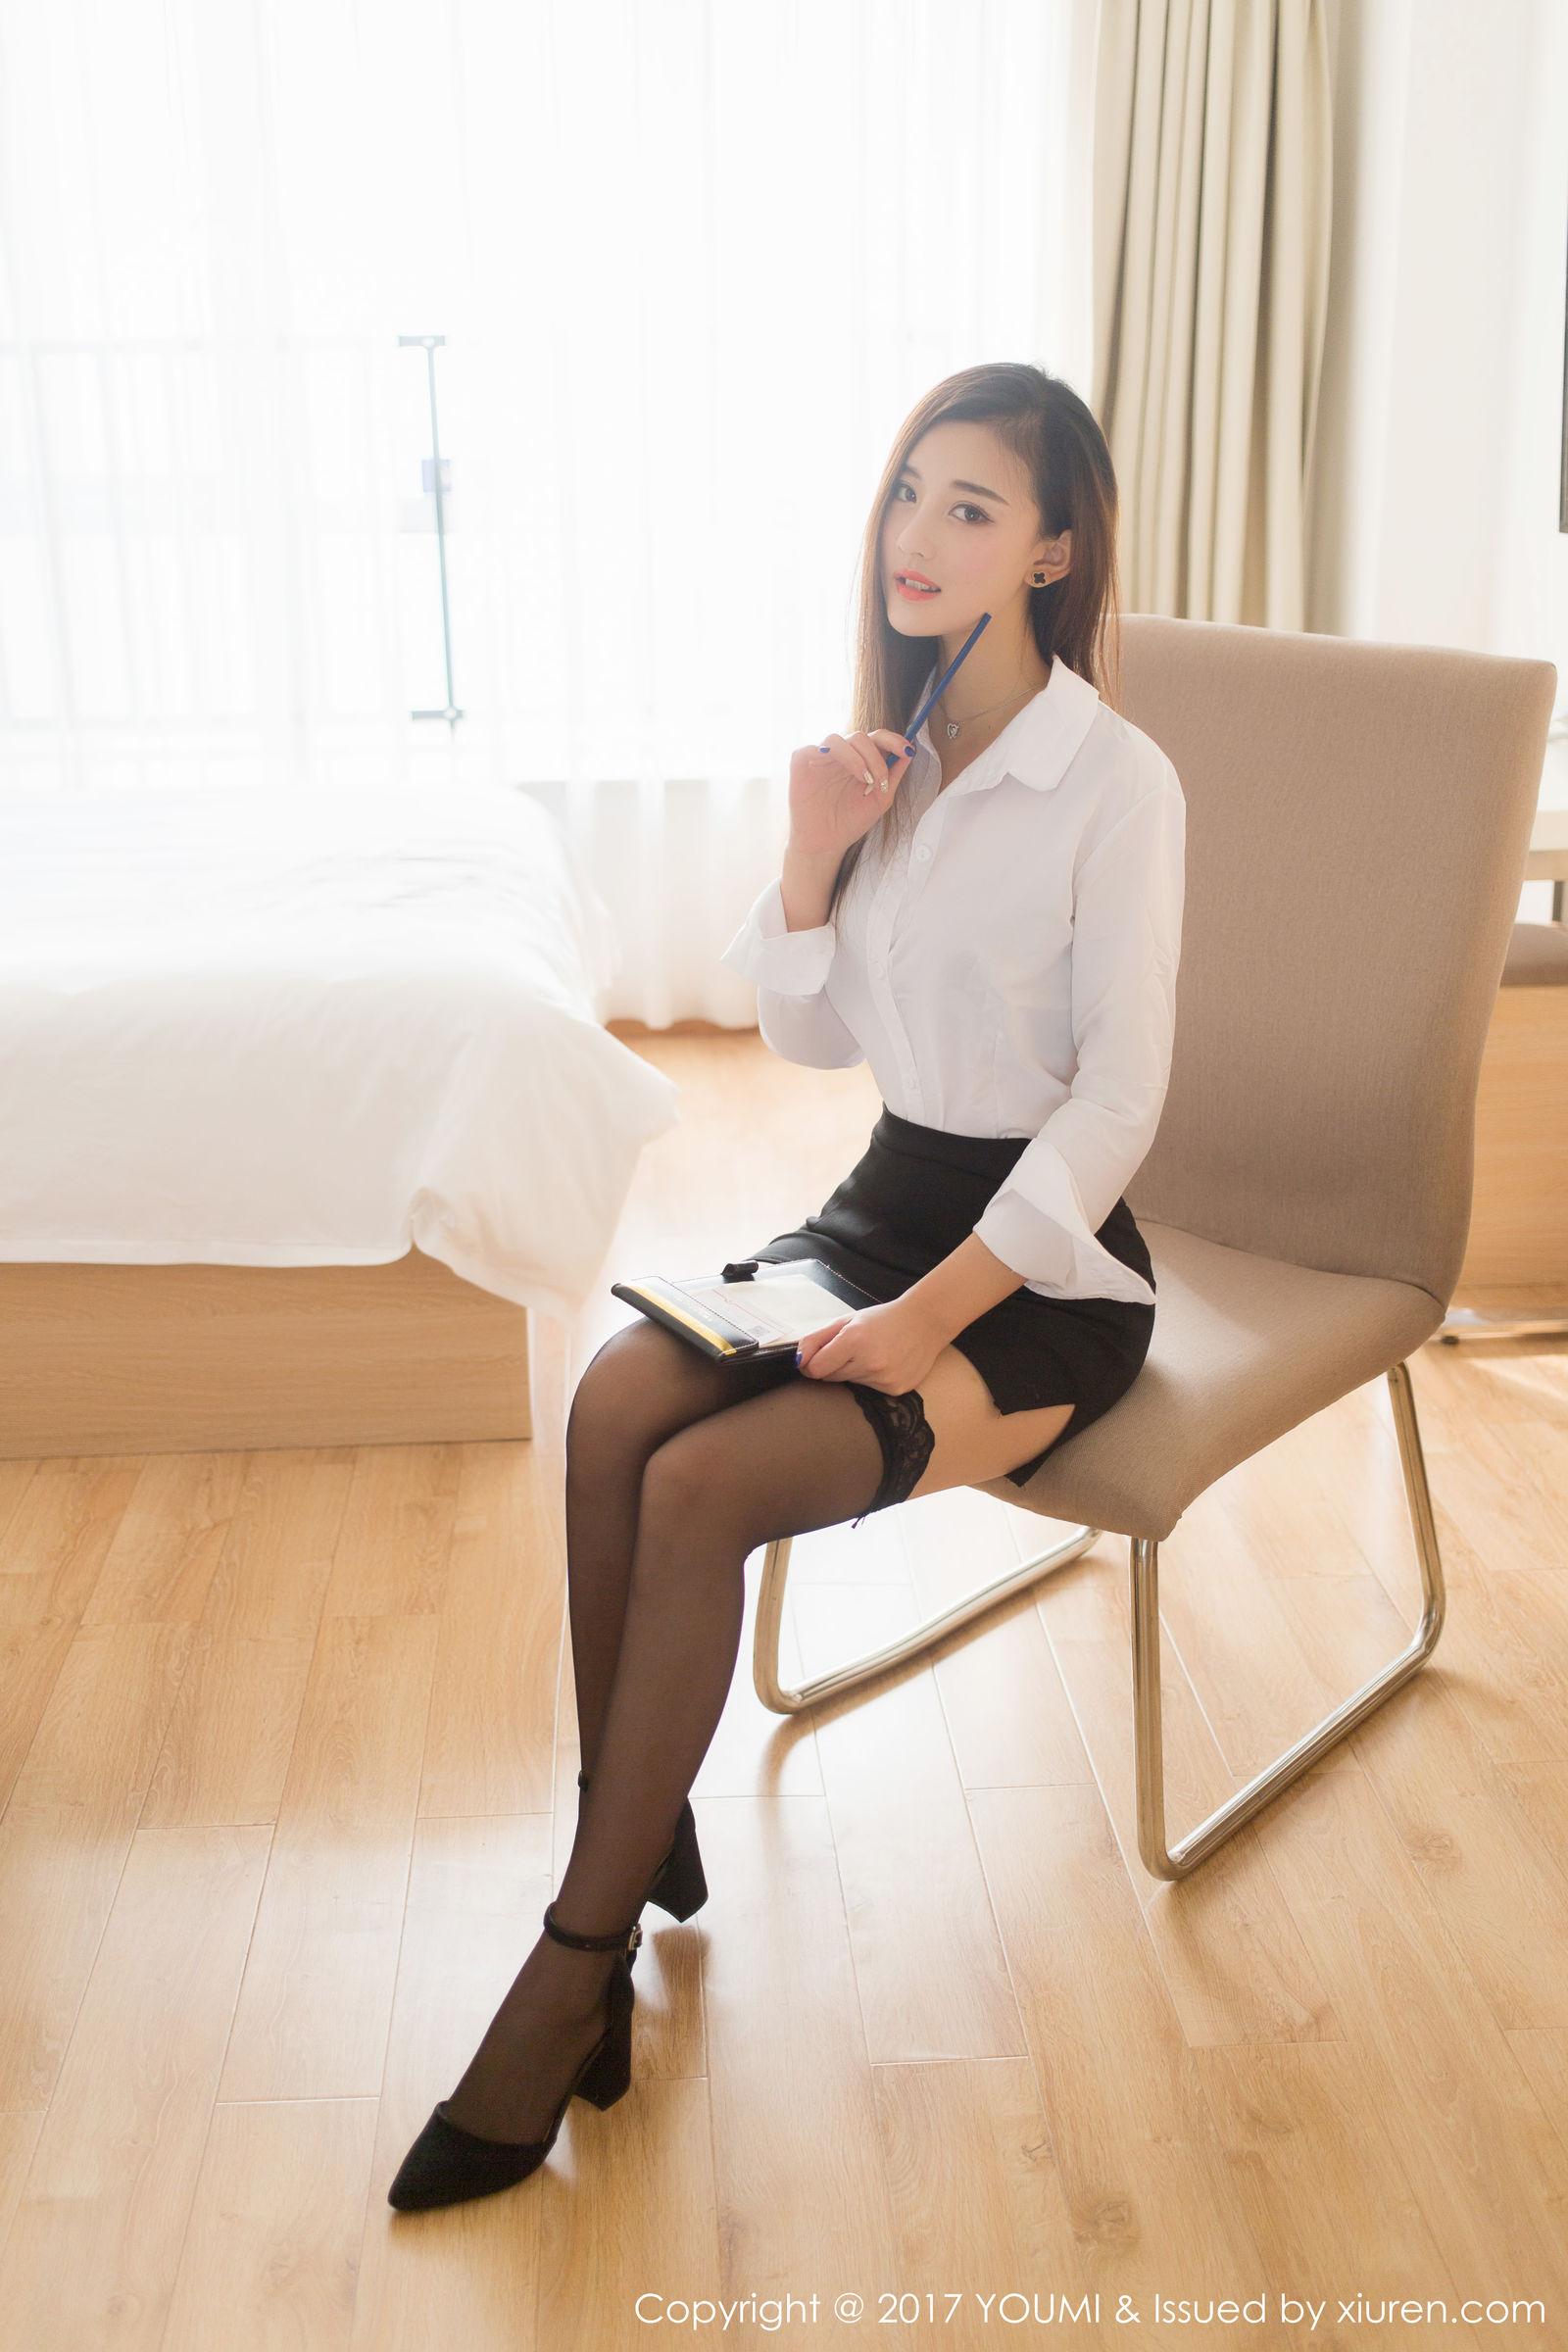 娜娜TINA - 黑丝OL+双马尾学生装